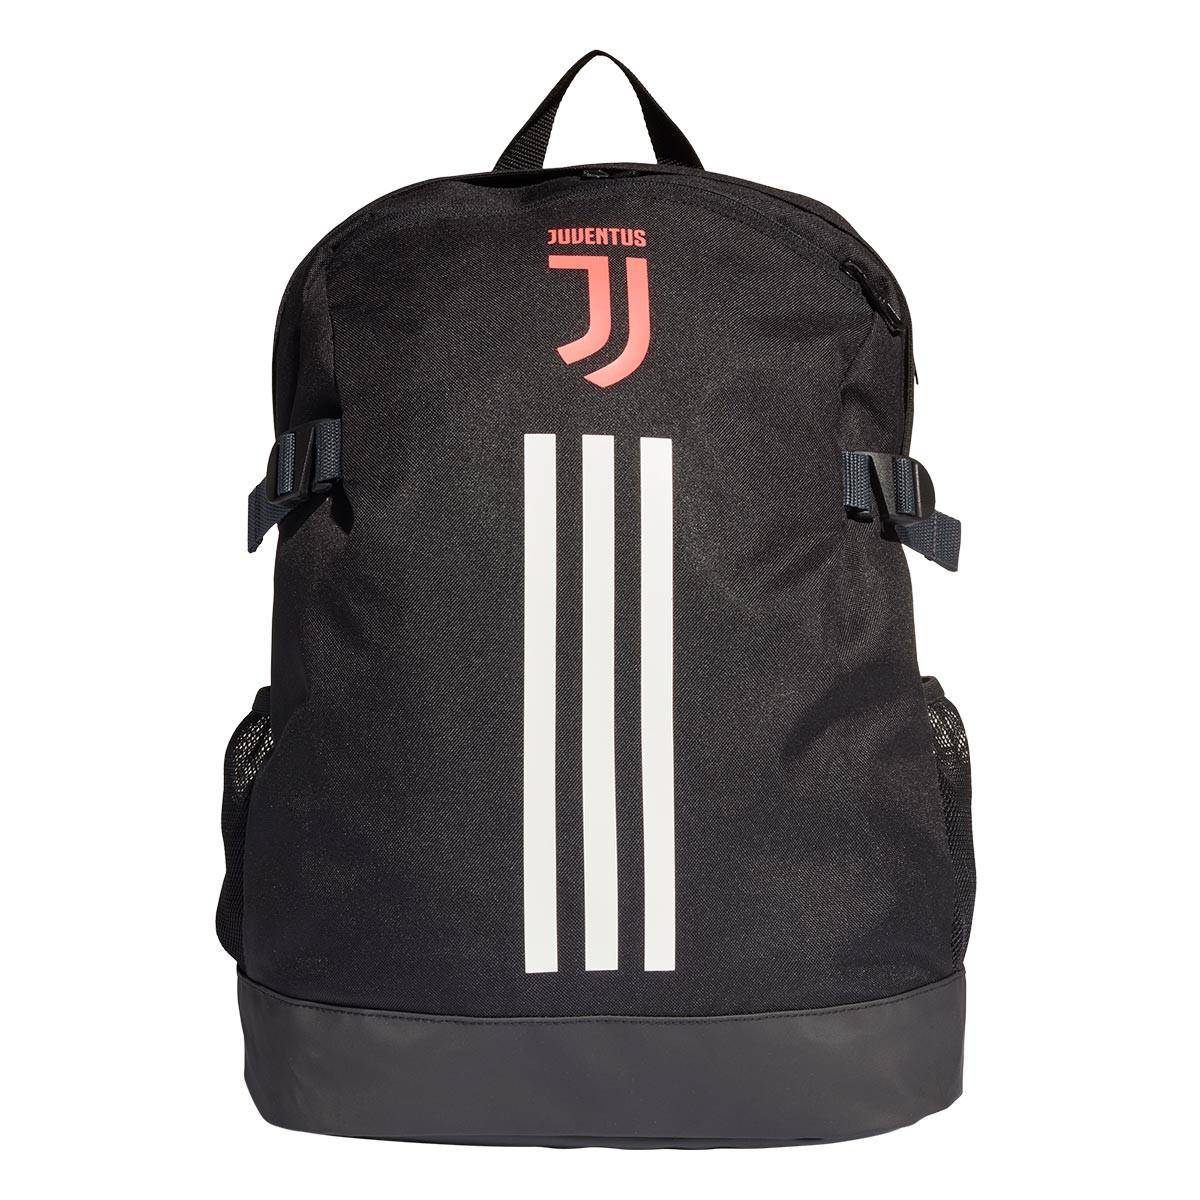 Impresionante Acusador Hija  Backpack adidas Juventus BP 2019-2020 Black-White-Turbo - Football store  Fútbol Emotion